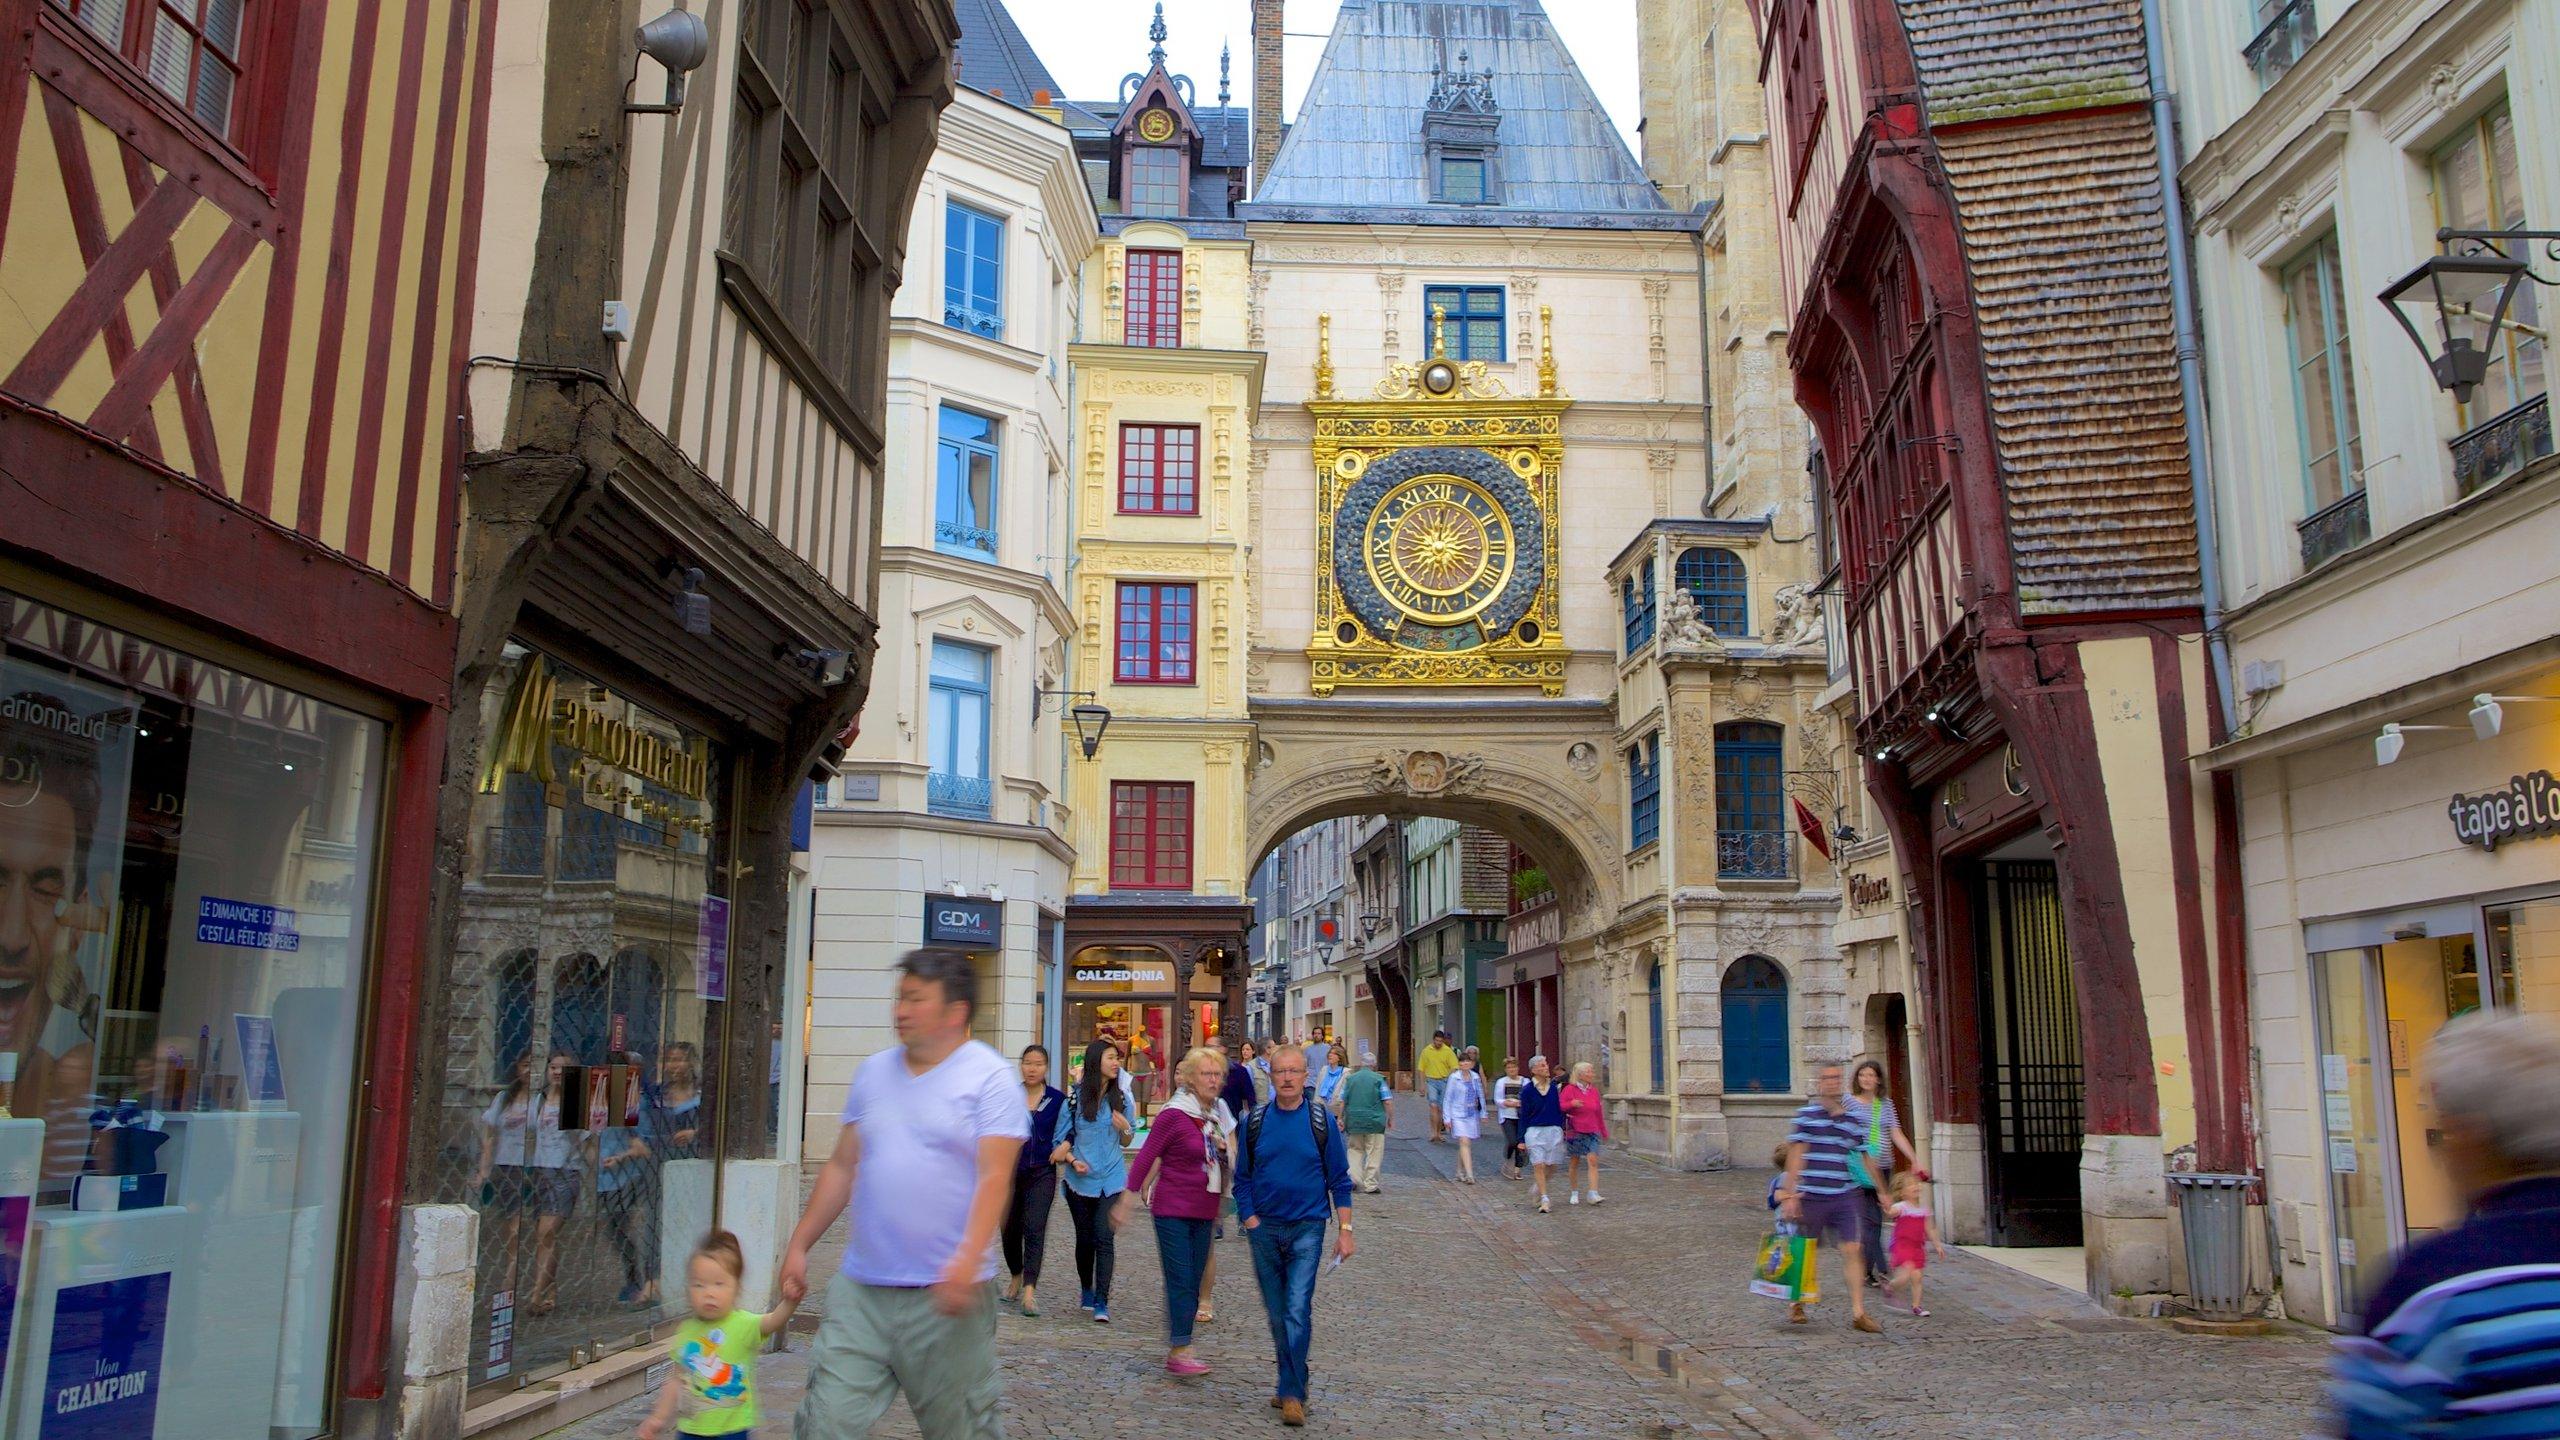 Quartier Vieux Marché-Cathédrale, Rouen, Seine-Maritime Département, Frankreich